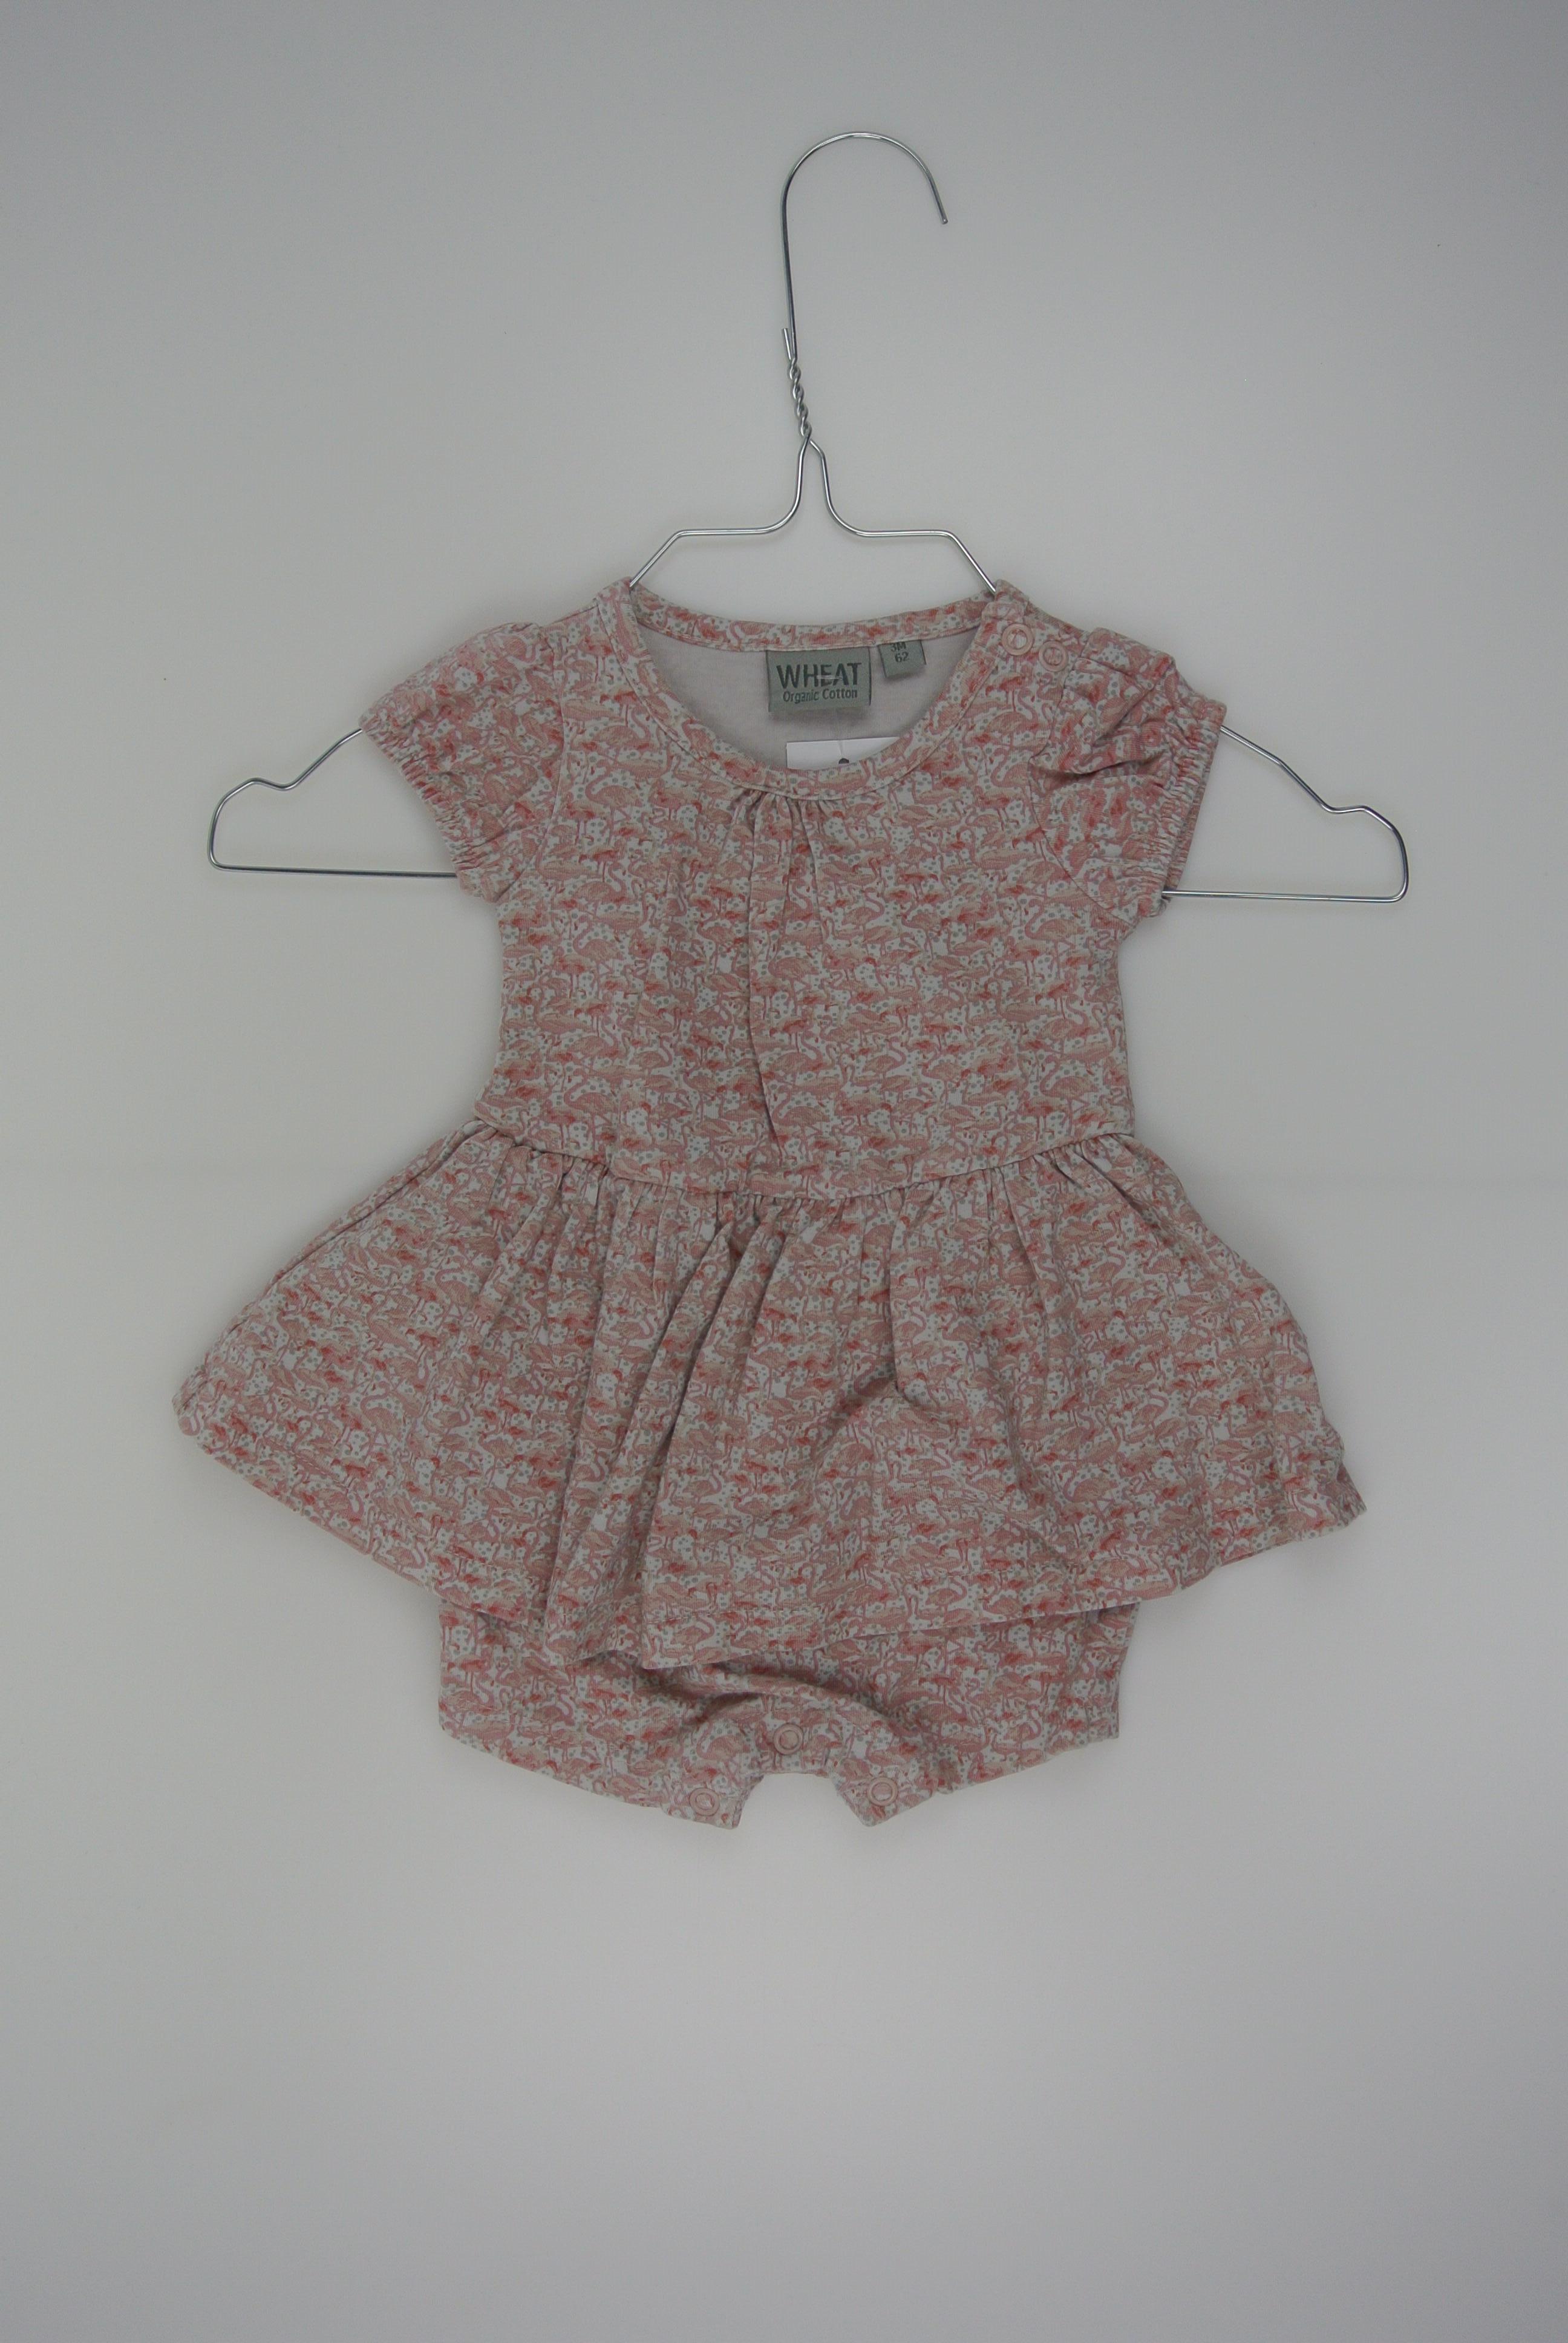 Wheat kjole str 62 pige